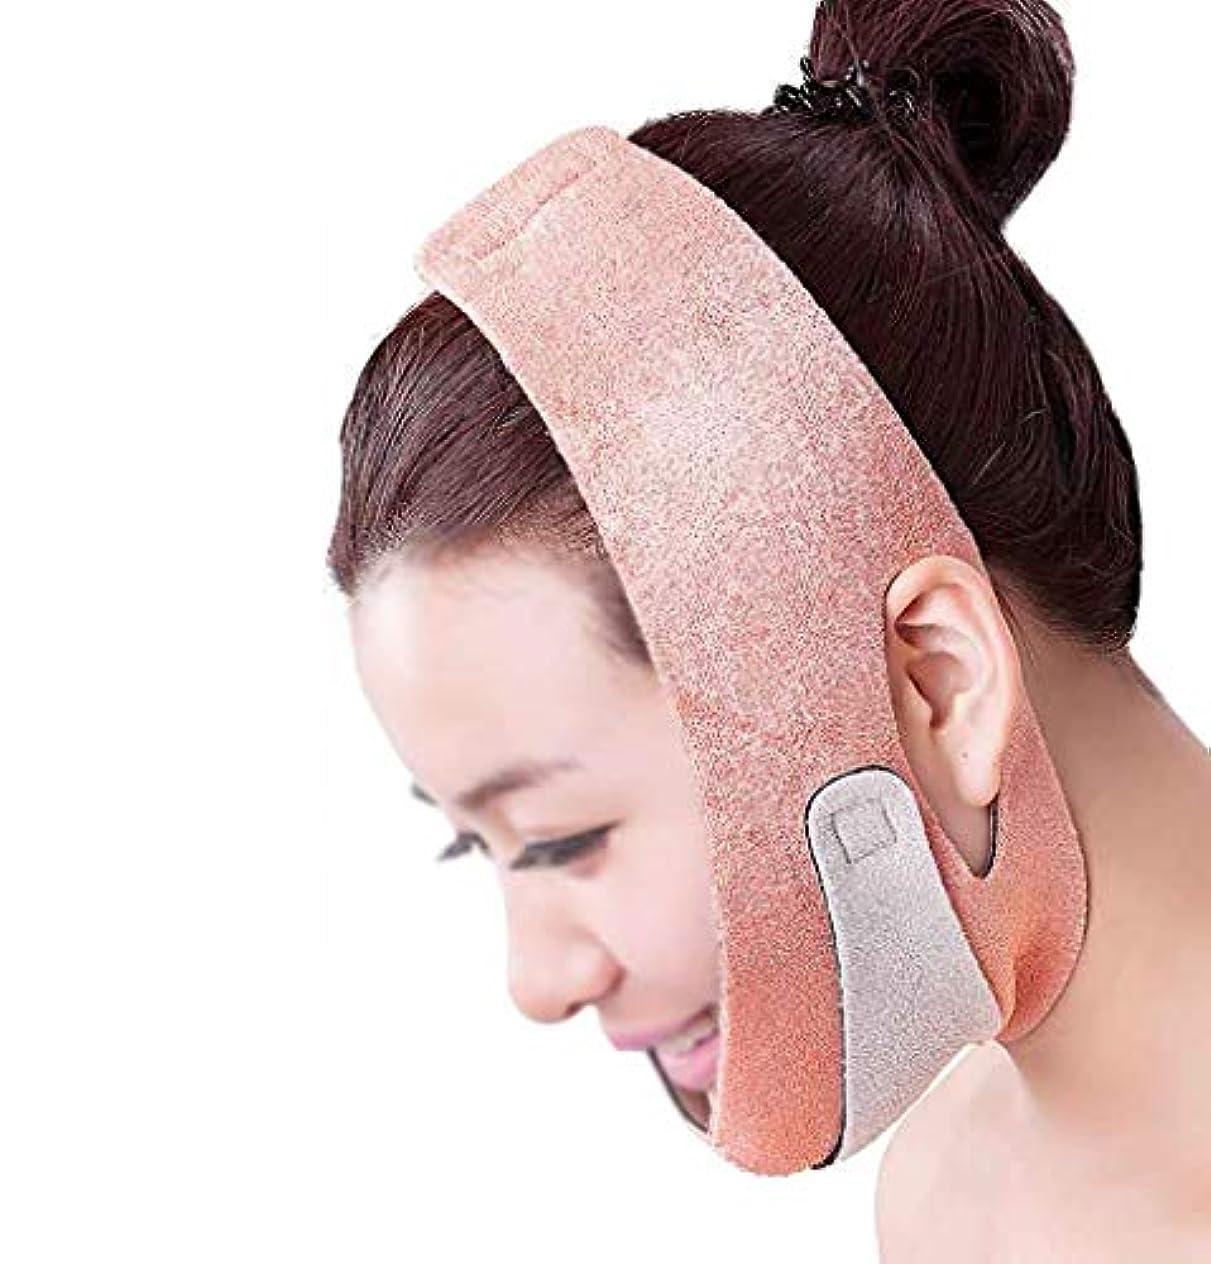 フェミニン厚くする浅いHEMFV 薄い顔の包帯、ベルトフェイスマッサージツールは、二重あごをなくすリフティングVラインフェイスシェイプチンチークリフトアップアンチリンクルを作成します。 (Color : Pink)